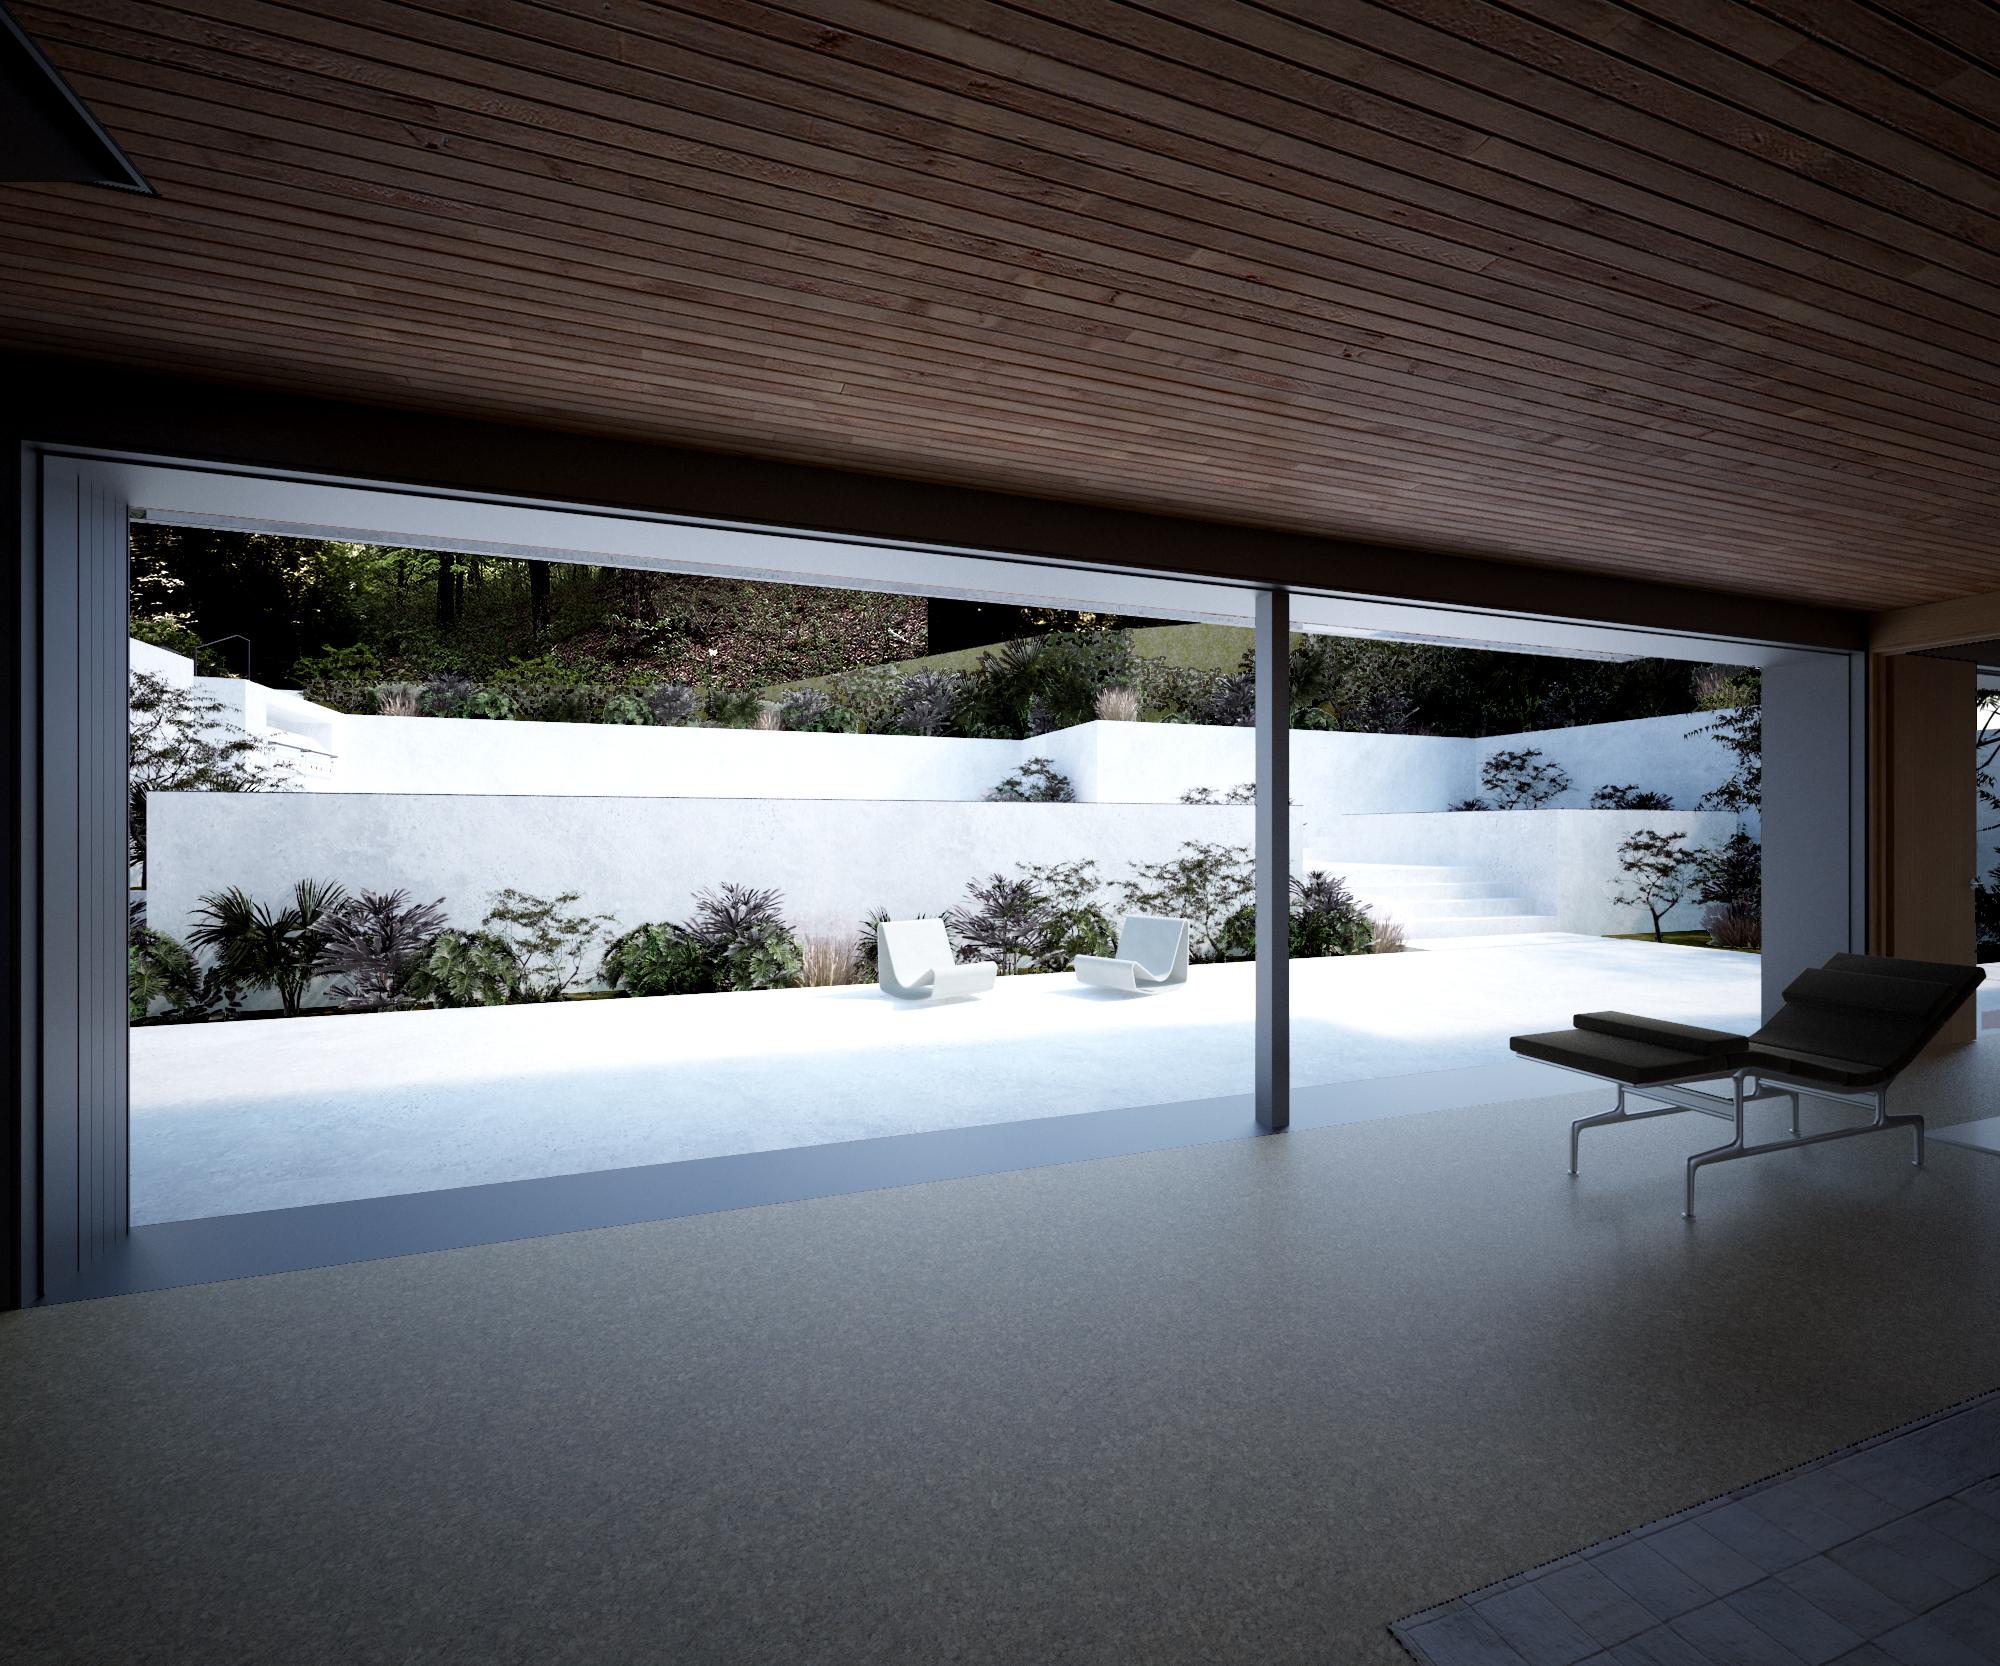 HN_170110_Living Room 2.jpg